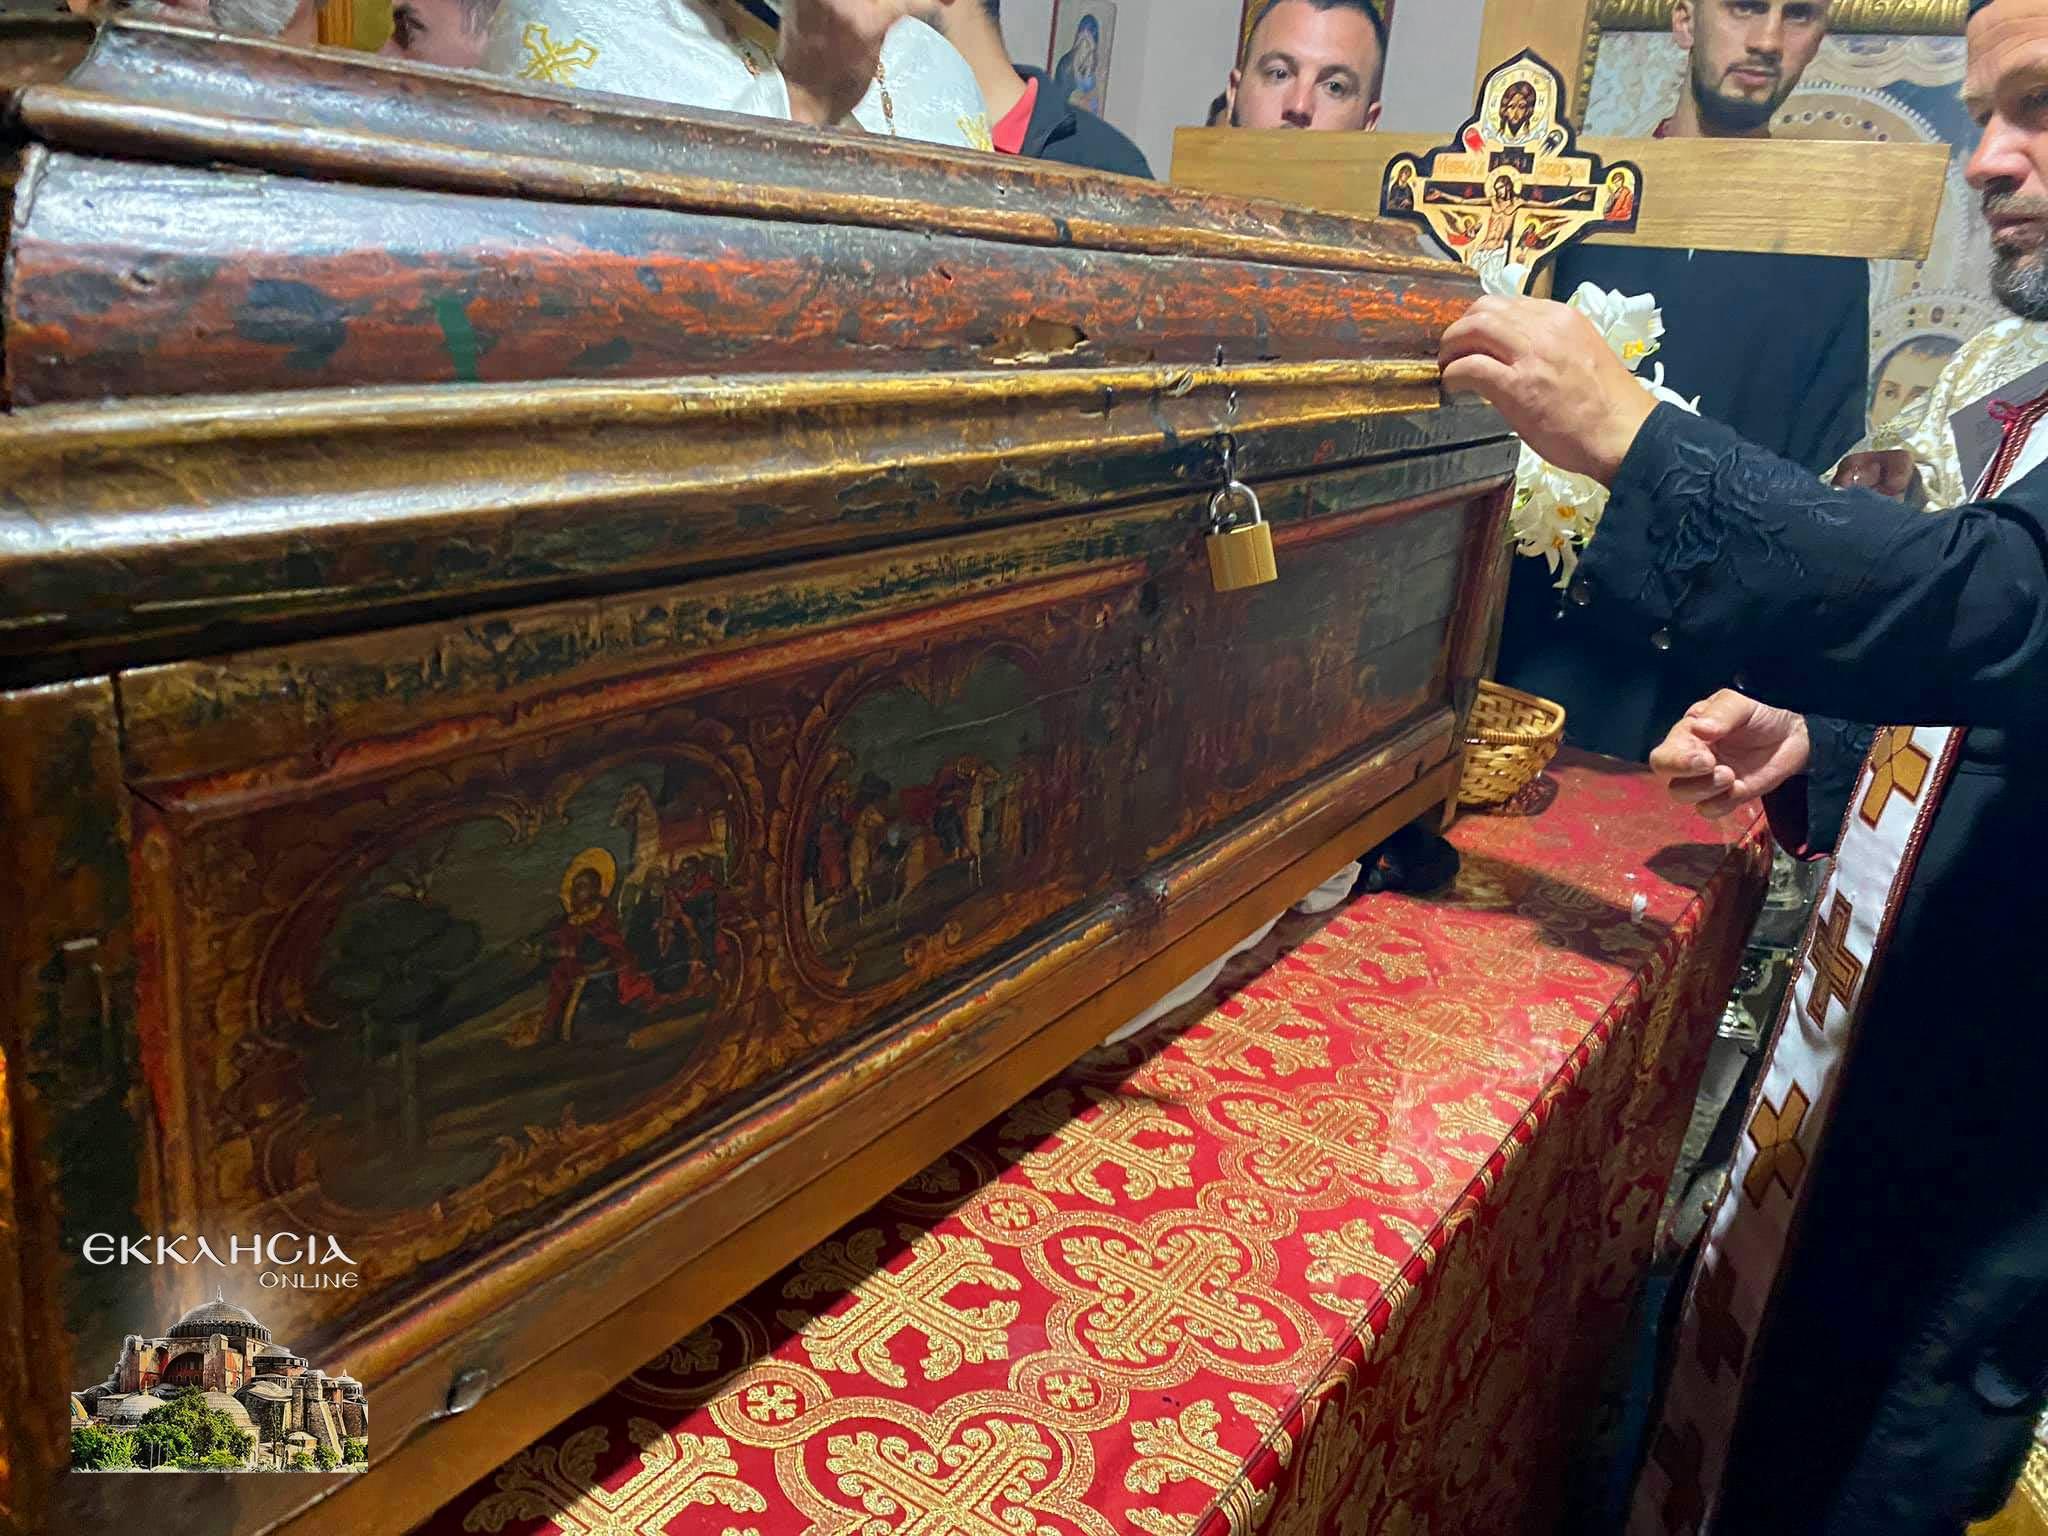 θαυματουργά λείψανα του αγίου Ιωάννου του Βλαδιμήρου